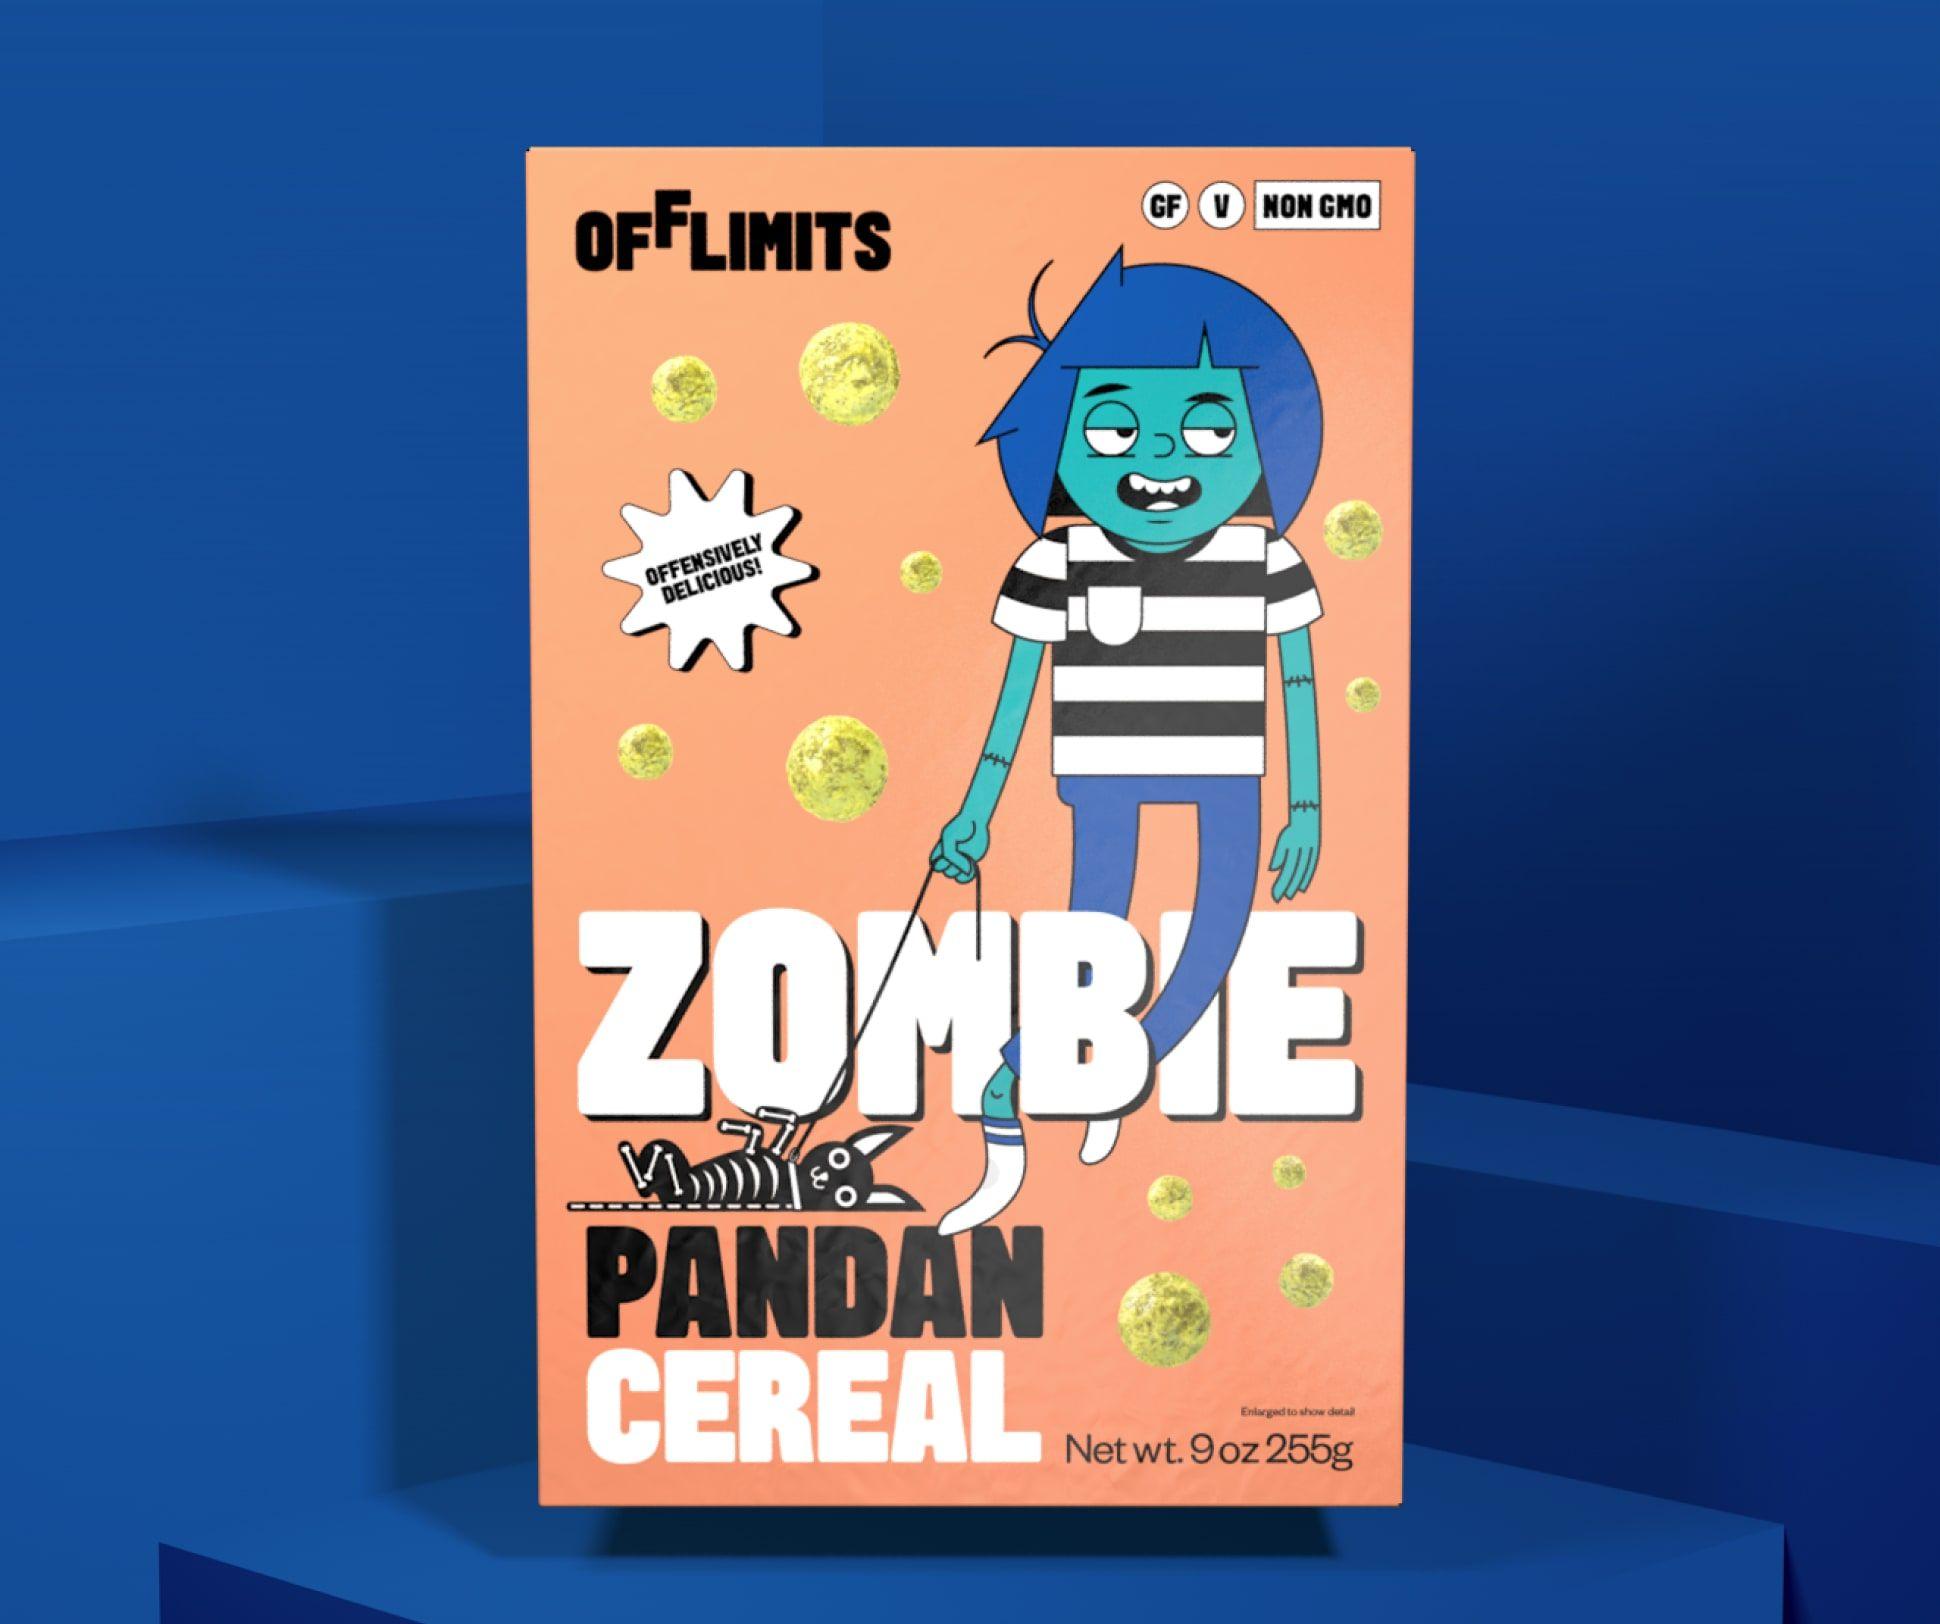 Pandan Cereal